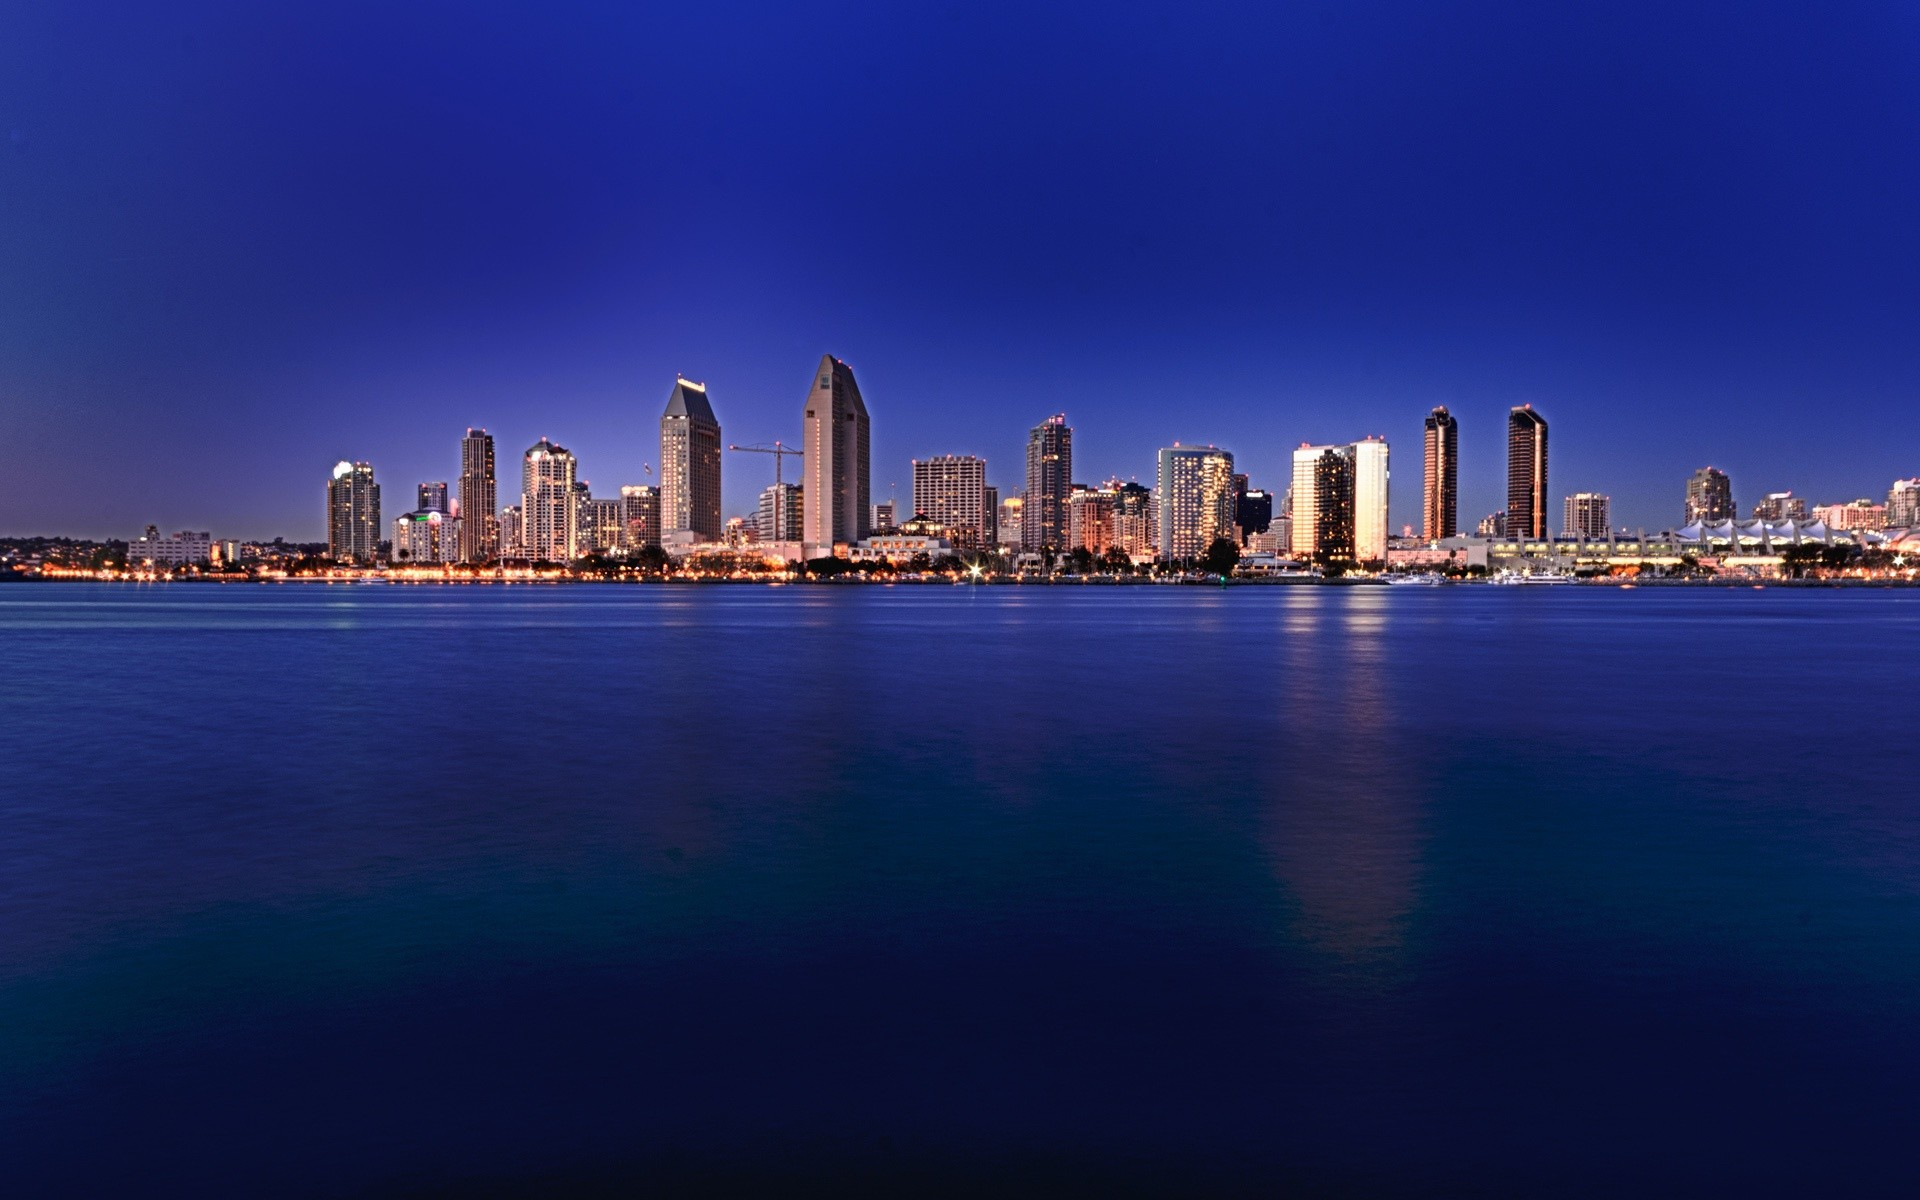 Hd Wallpapers San Diego California Beaches 1920 X 1200 1409 Kb Jpeg .